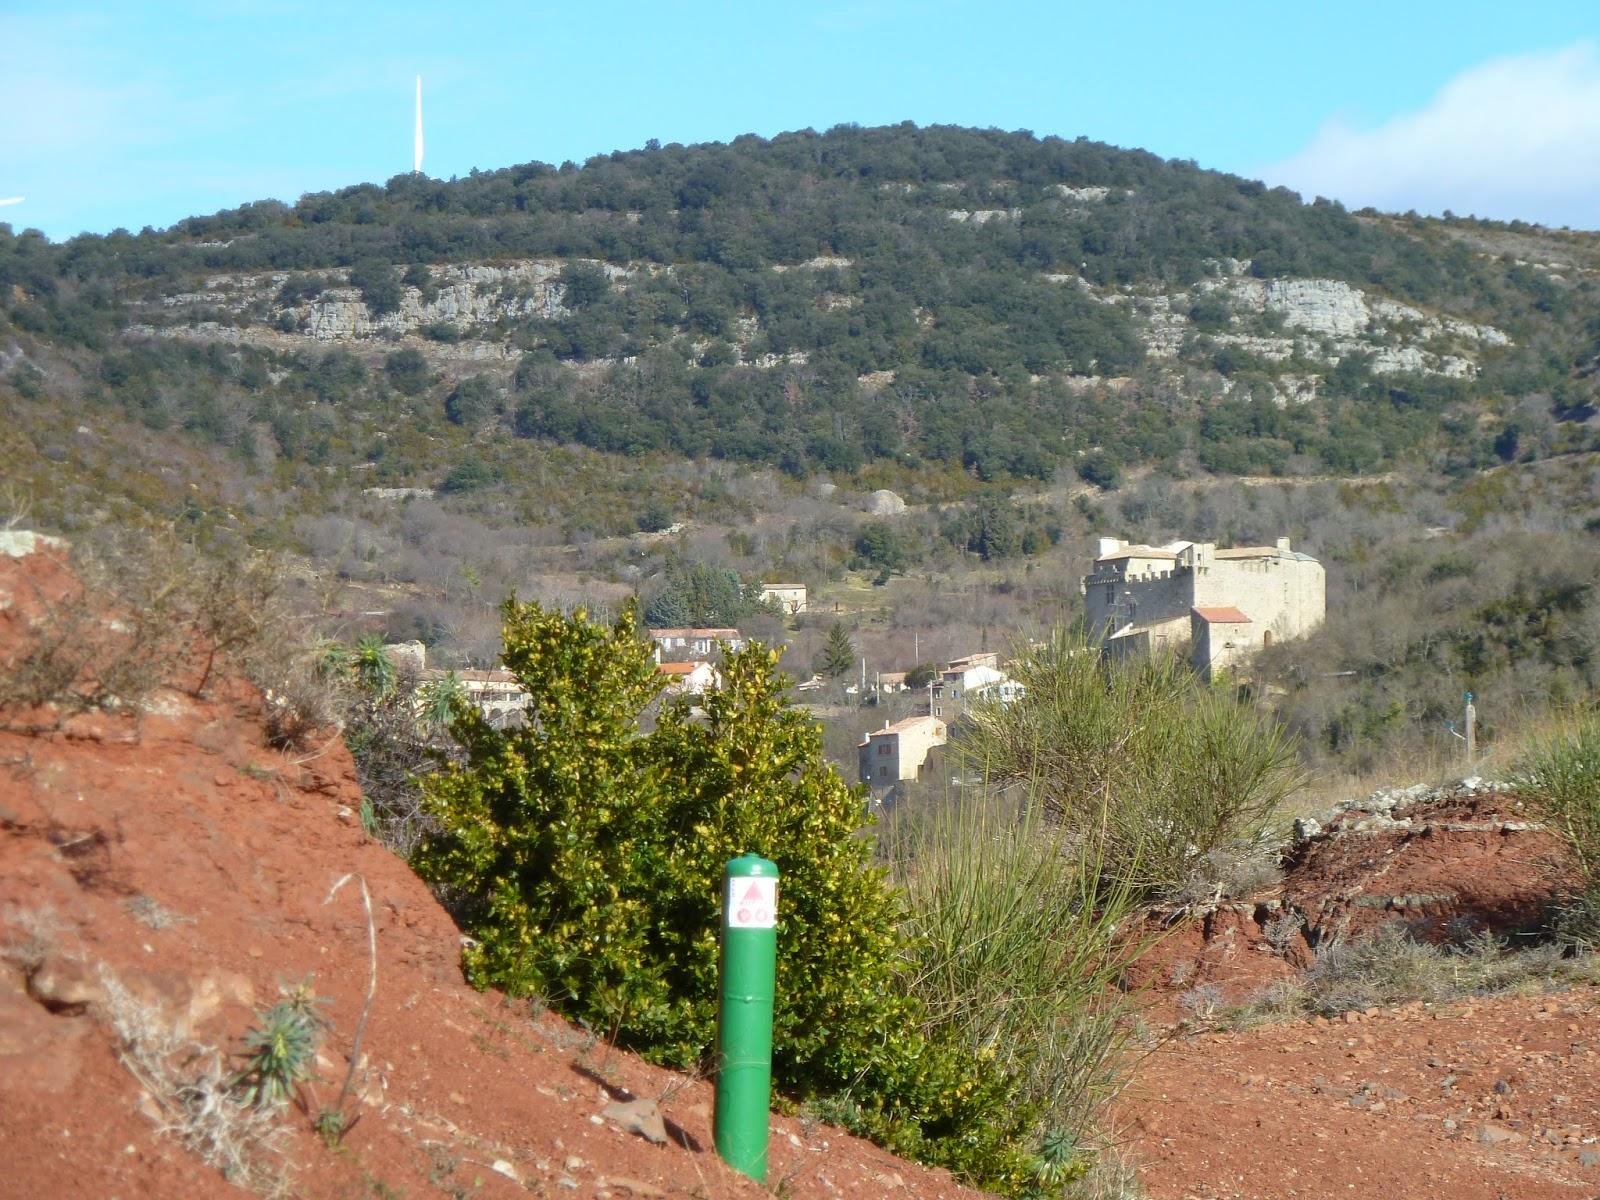 [CR] GTH34, de Bédarieux à Montpellier. Du 03 au 07 mars 2015. P1060745